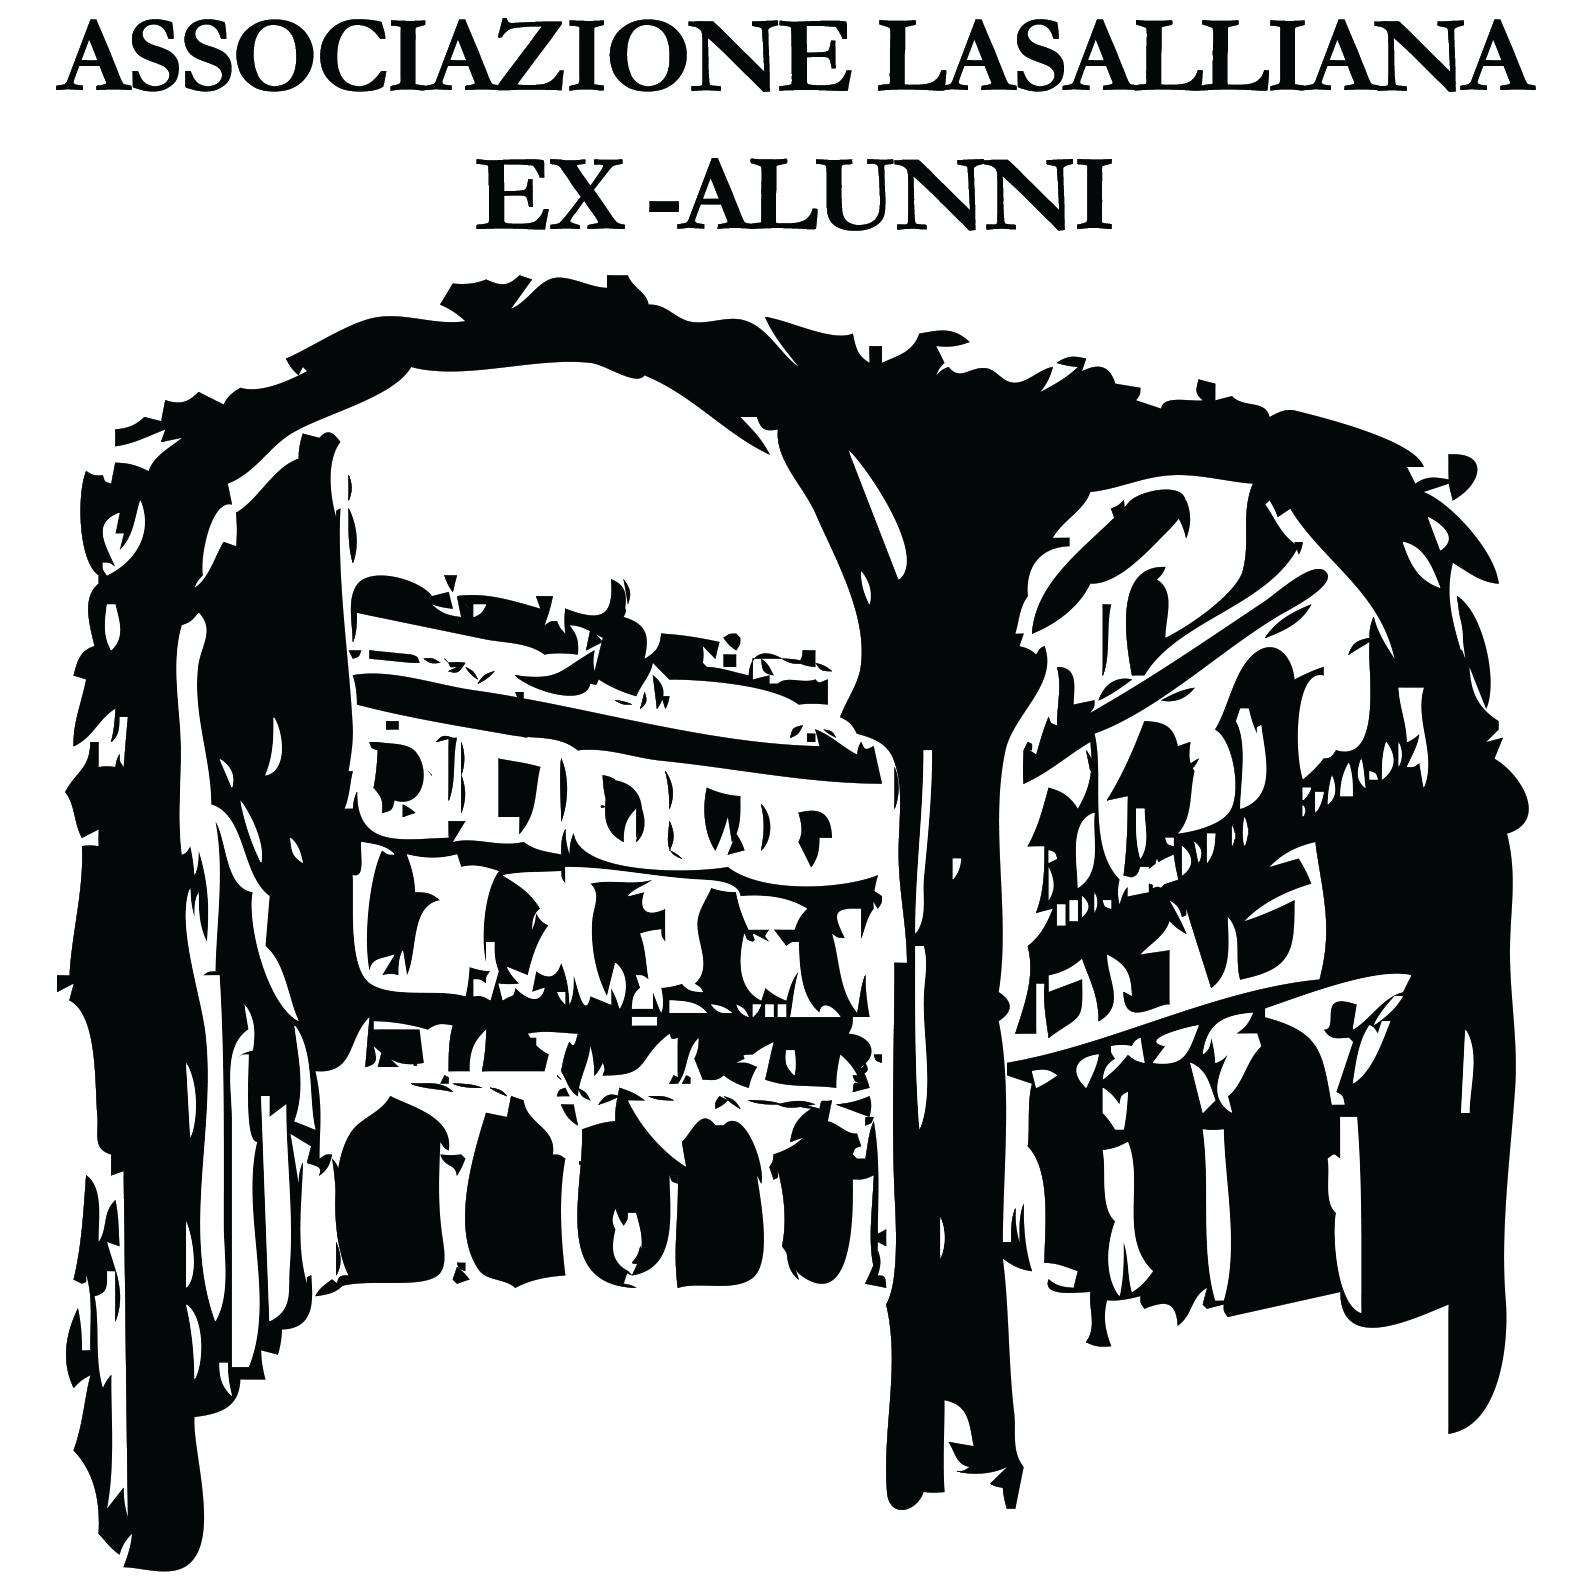 Associazione Lasalliana Ex Alunni